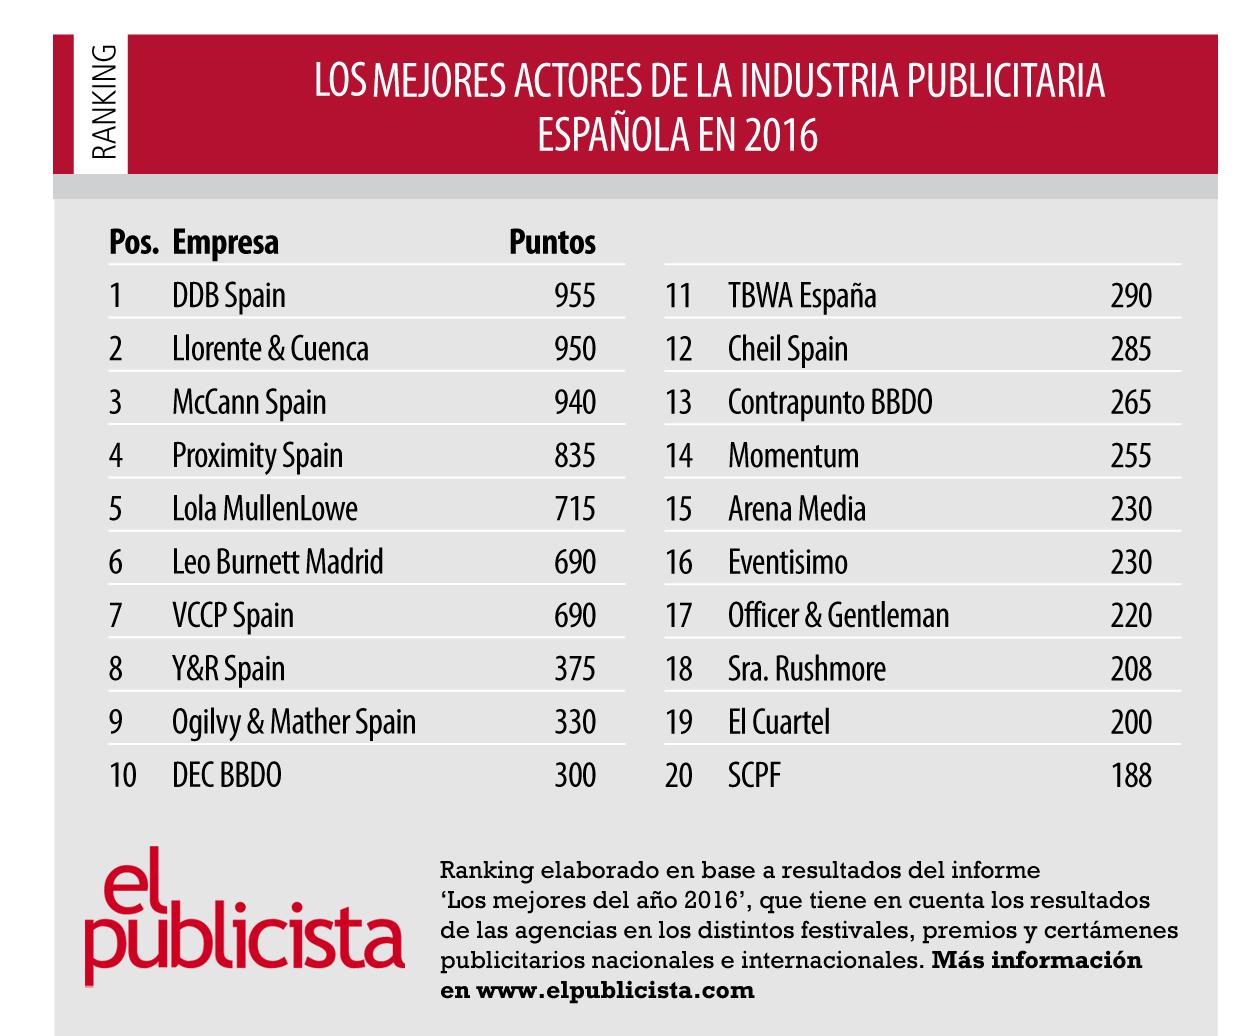 Las Mejores Agencias De Publicidad En Espana Durante 2016